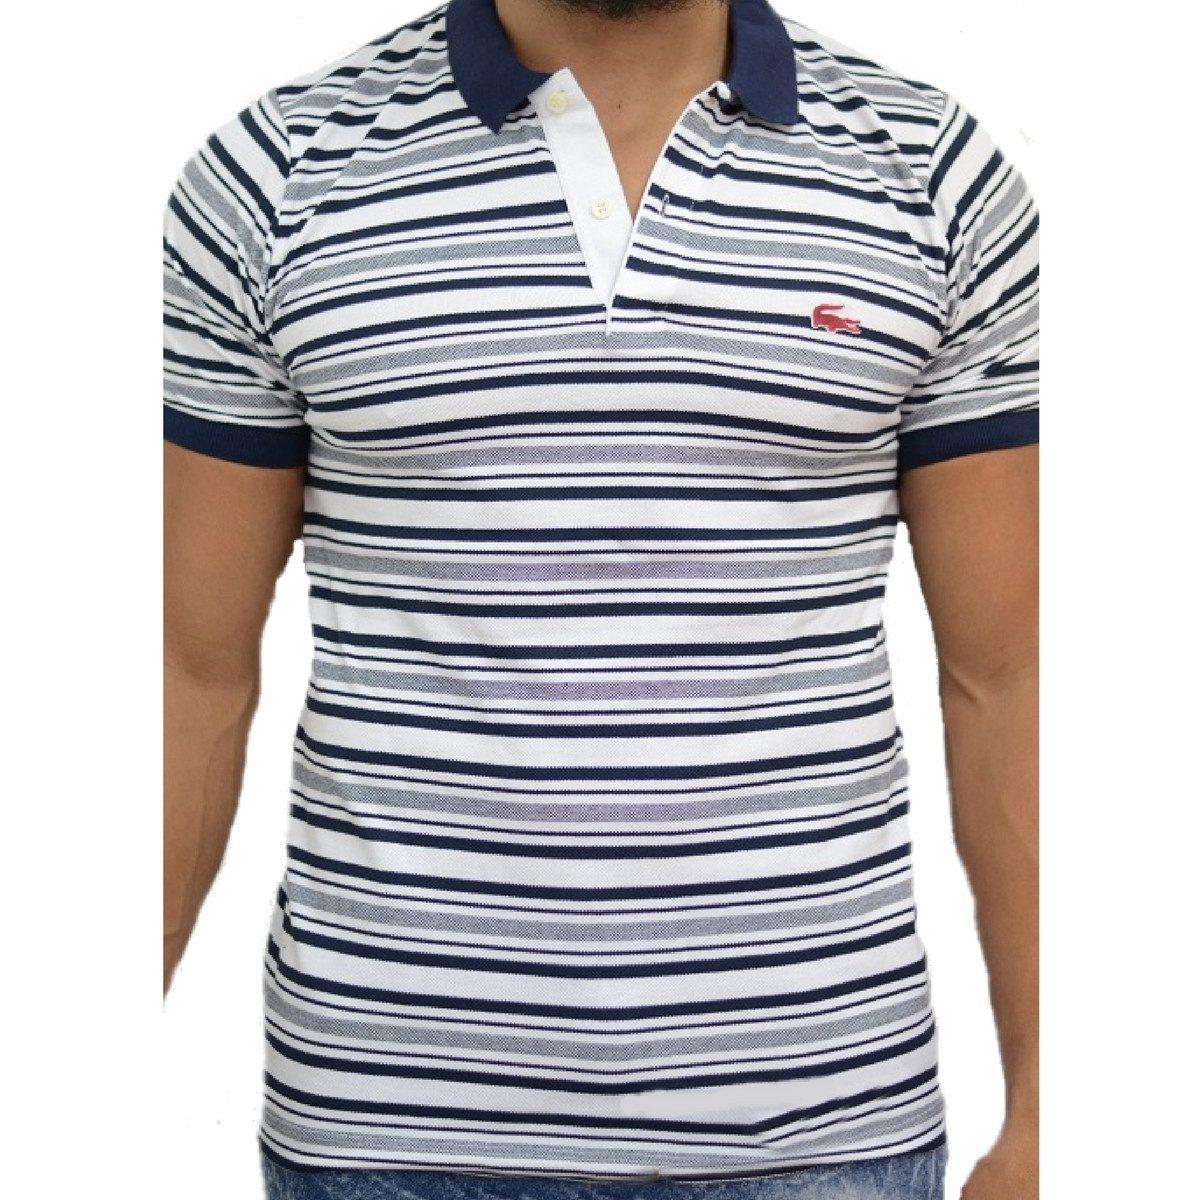 Camisa Gola Polo Lacoste Emborrachada Serie Especial - R  139,97 em ... f10c269020